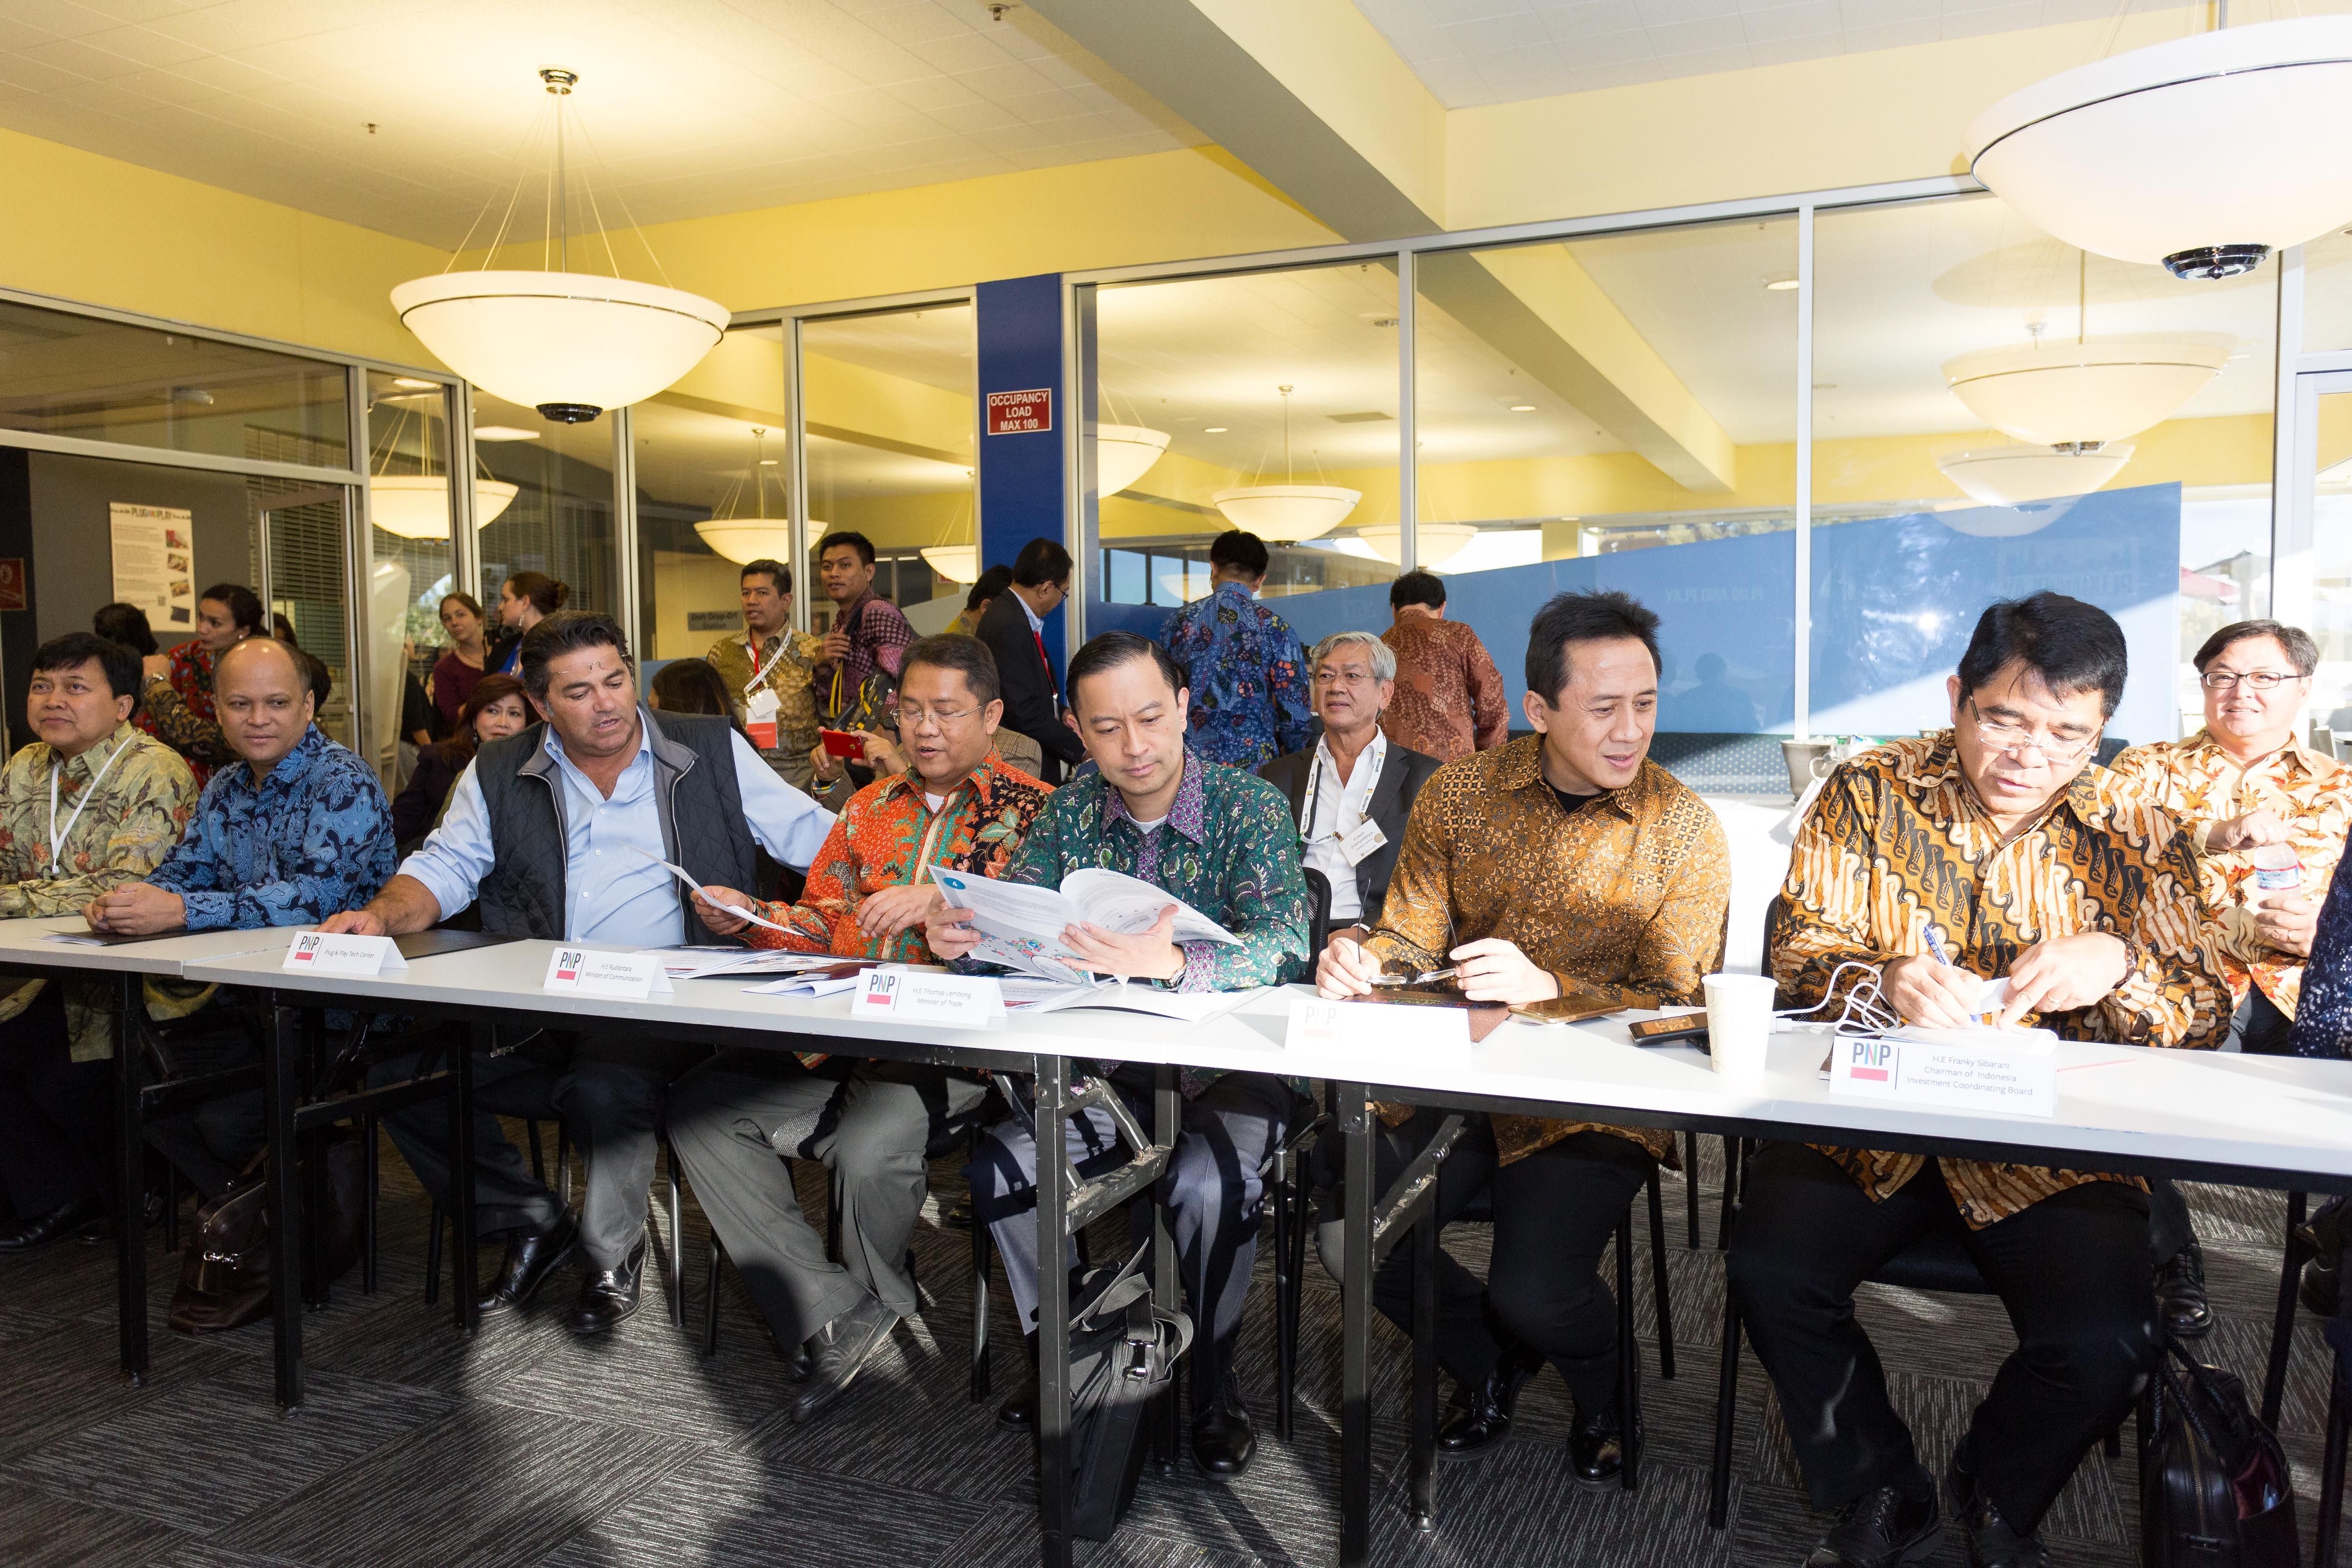 Indo delegation visit to SV - 98 of 115